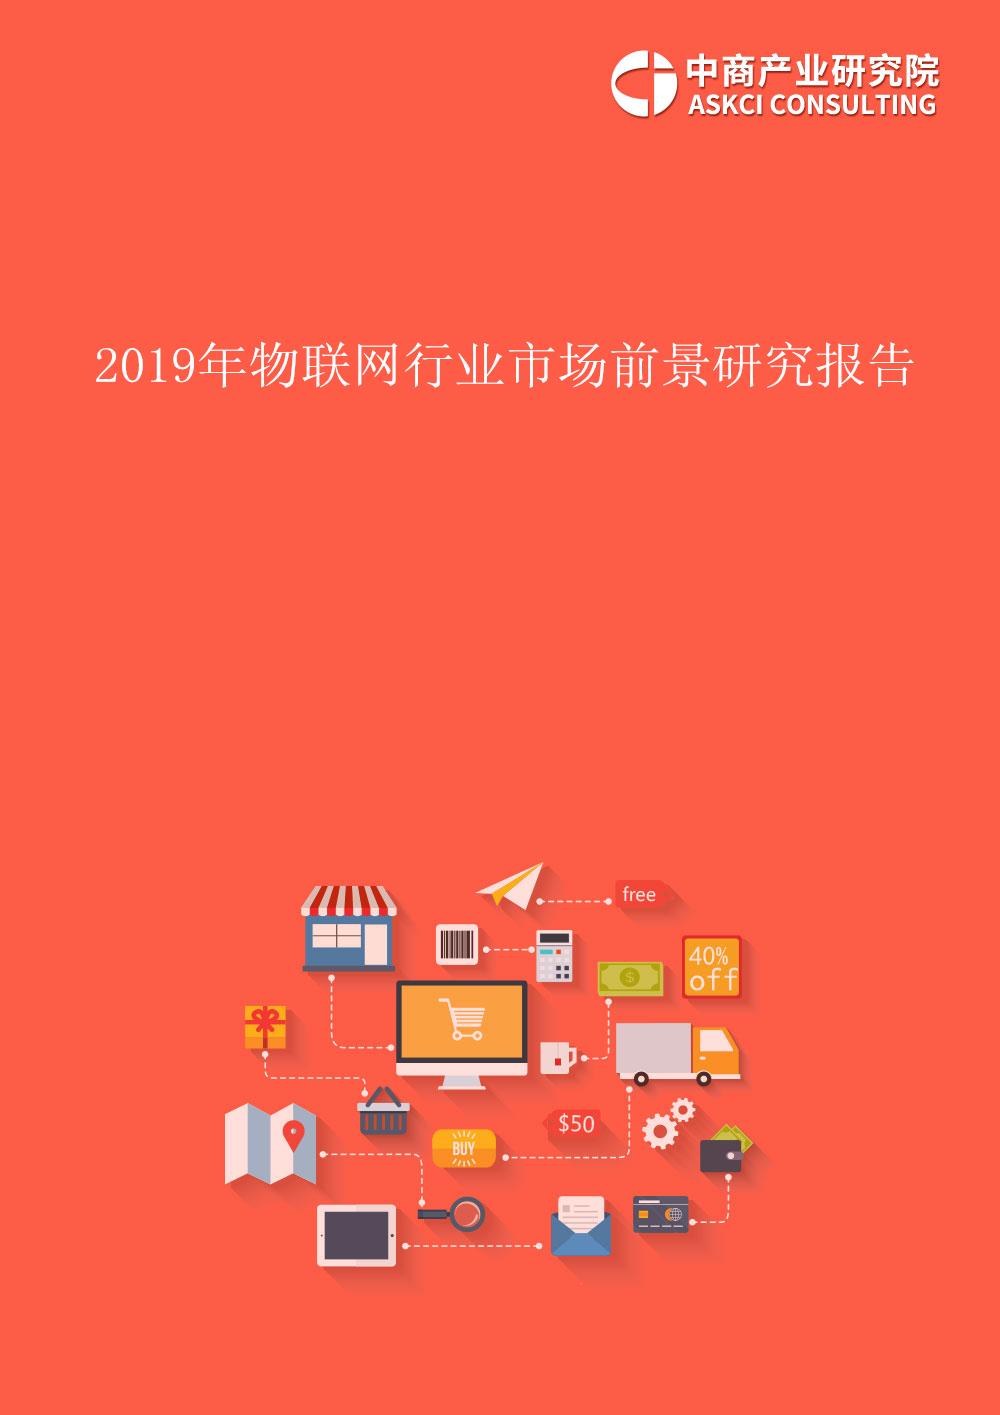 2019年中國物聯網行業市場前景研究報告